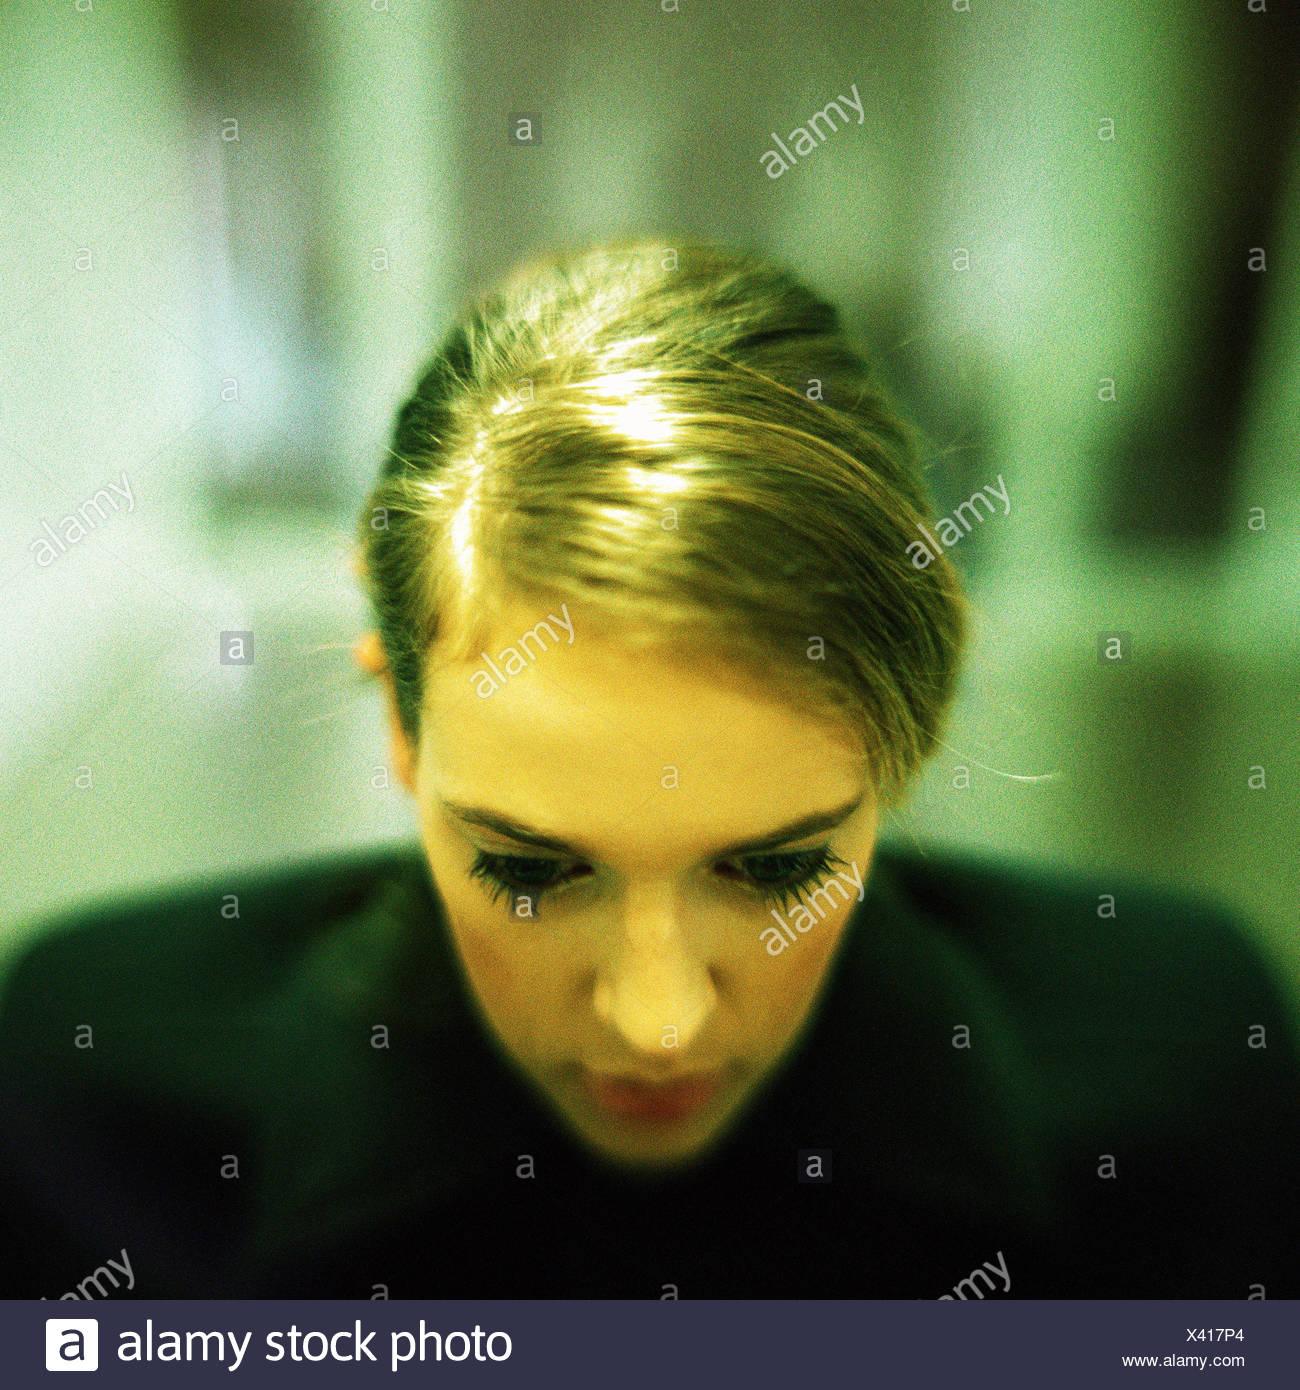 Woman, portrait - Stock Image